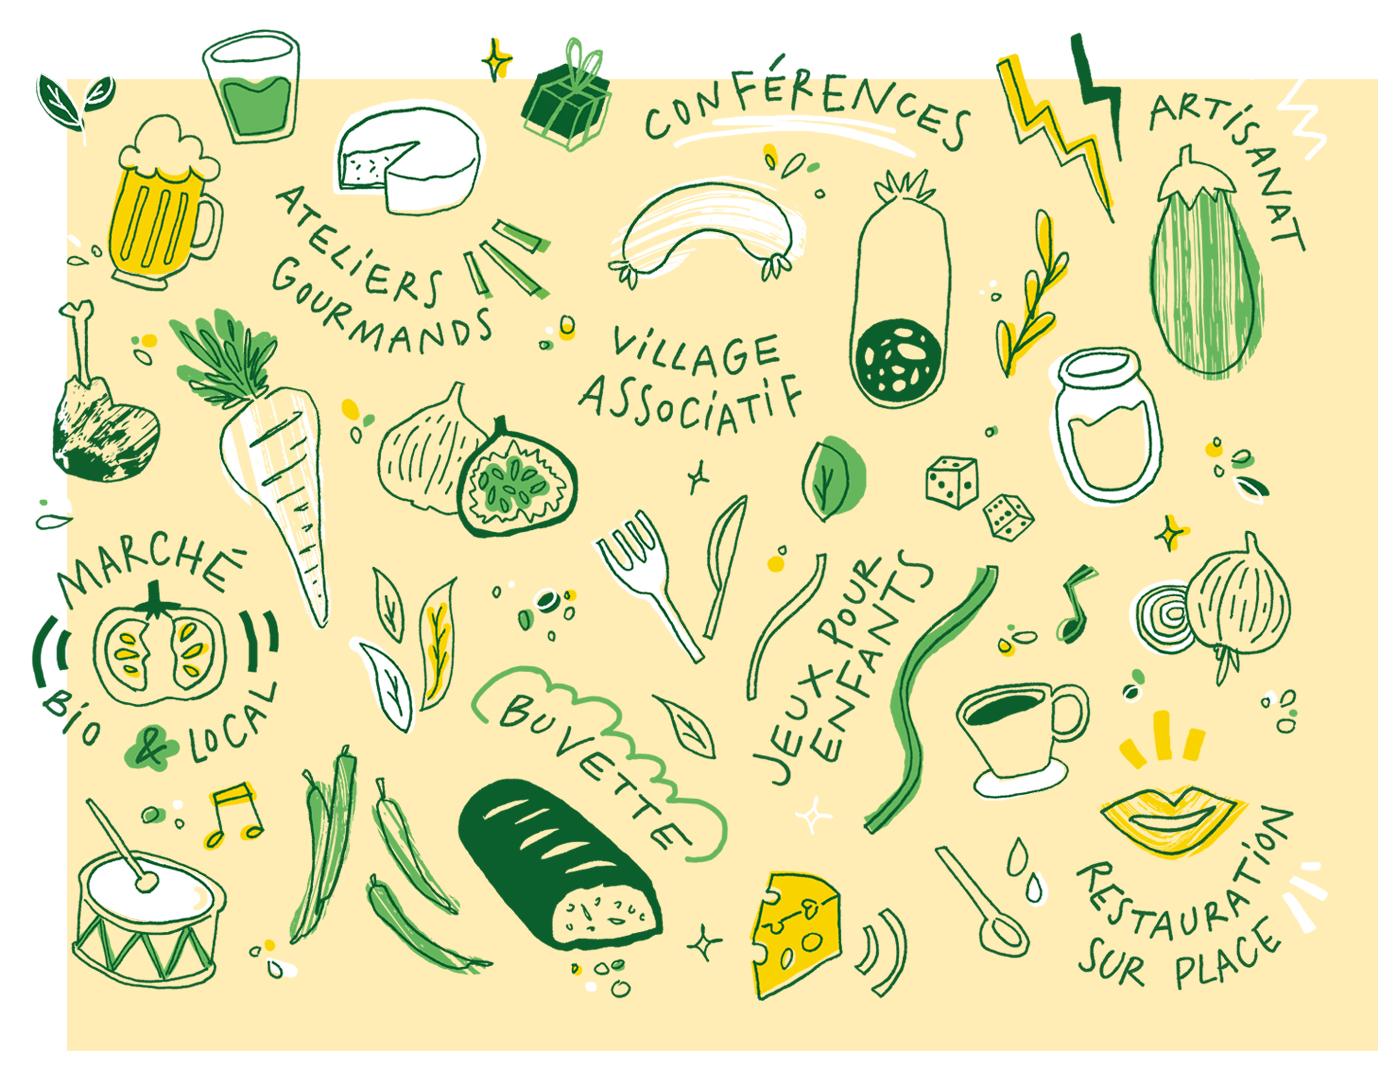 Détail de tous les éléments illustratifs et typographiques créés pour GaroBio la foire bio et locale d'Erables 31 : choppe de bière, verre de jus, fromages, saucisse, aubergine, haricots, oignons, tasse de café, tomate, dés, carotte, tambour, cuisse de canard...